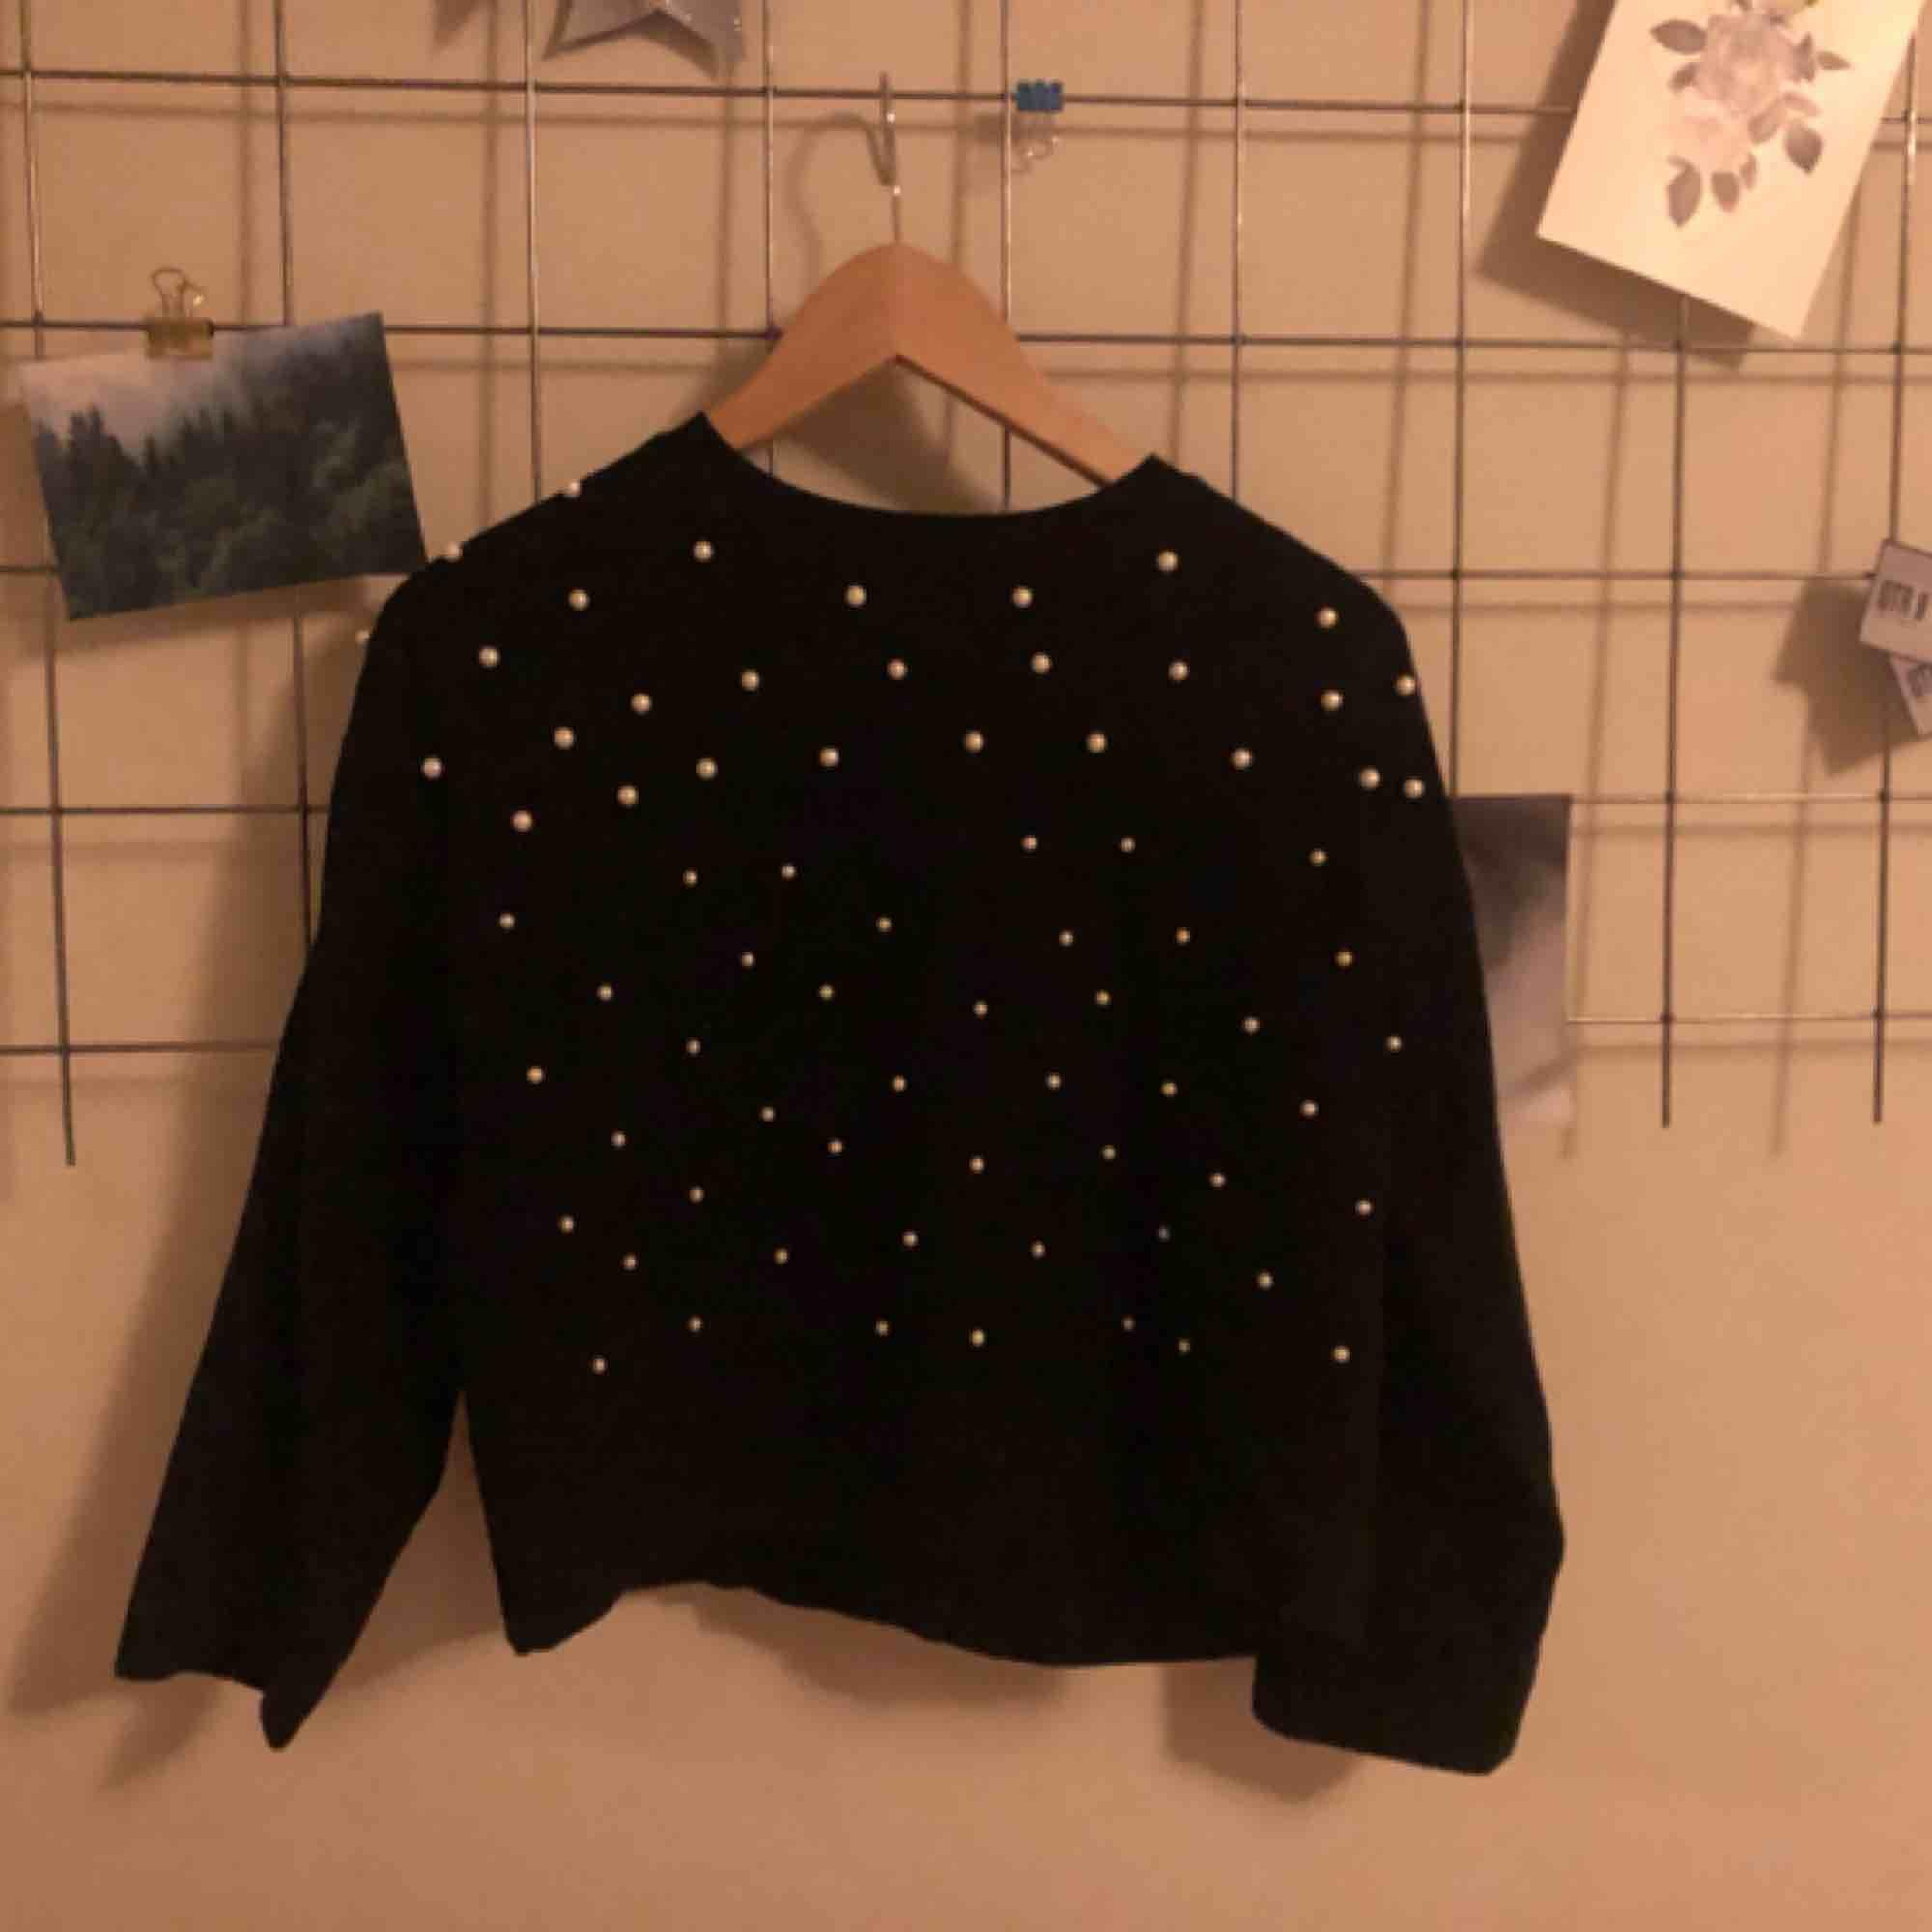 Superfin trendig tröja med fastsydda pärlor på tröjan. Superfint material och i bra skick! Säljer pga används inte, frakt ingår. Huvtröjor & Träningströjor.